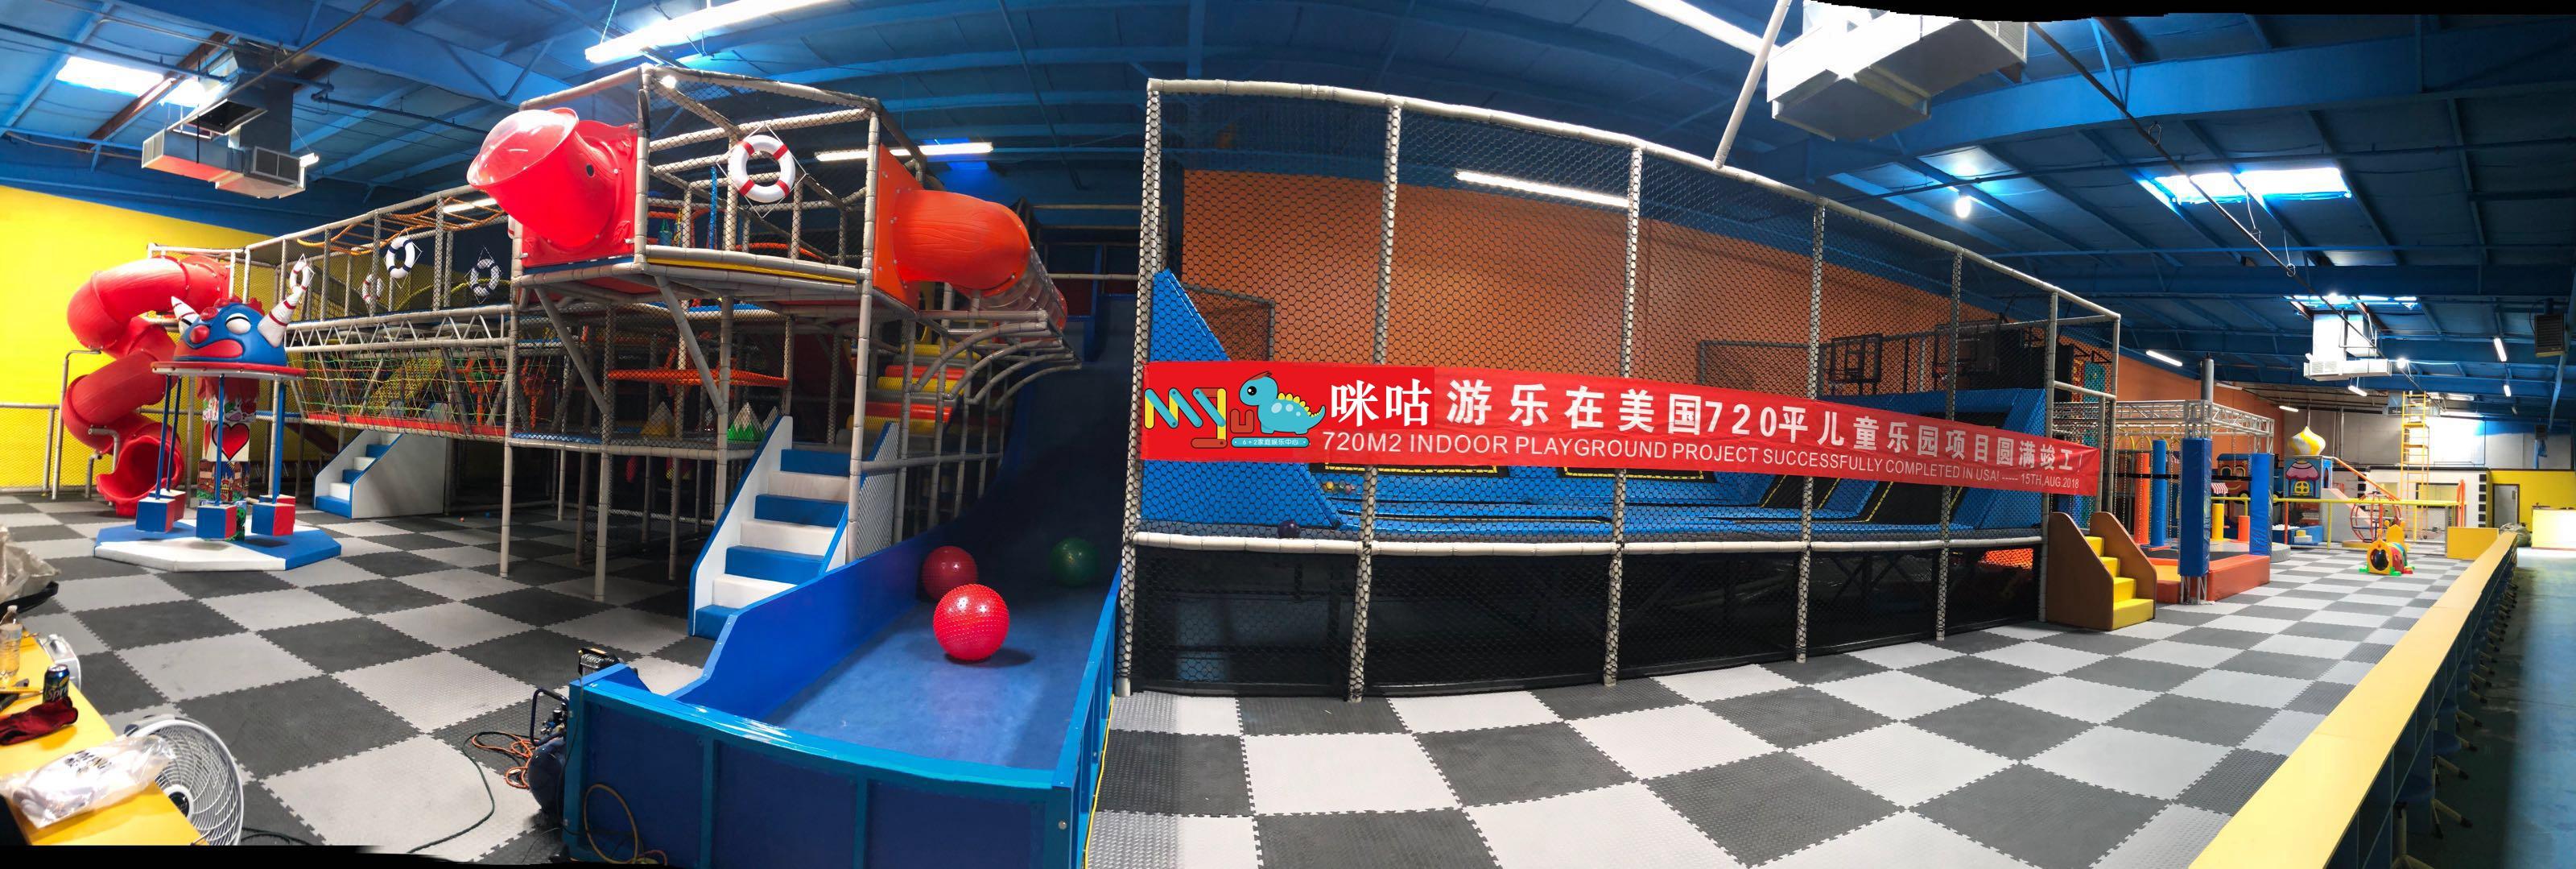 咪咕游乐-美国项目.jpg 陕西小型的室内儿童乐园需要多少钱? 加盟资讯 游乐设备第4张